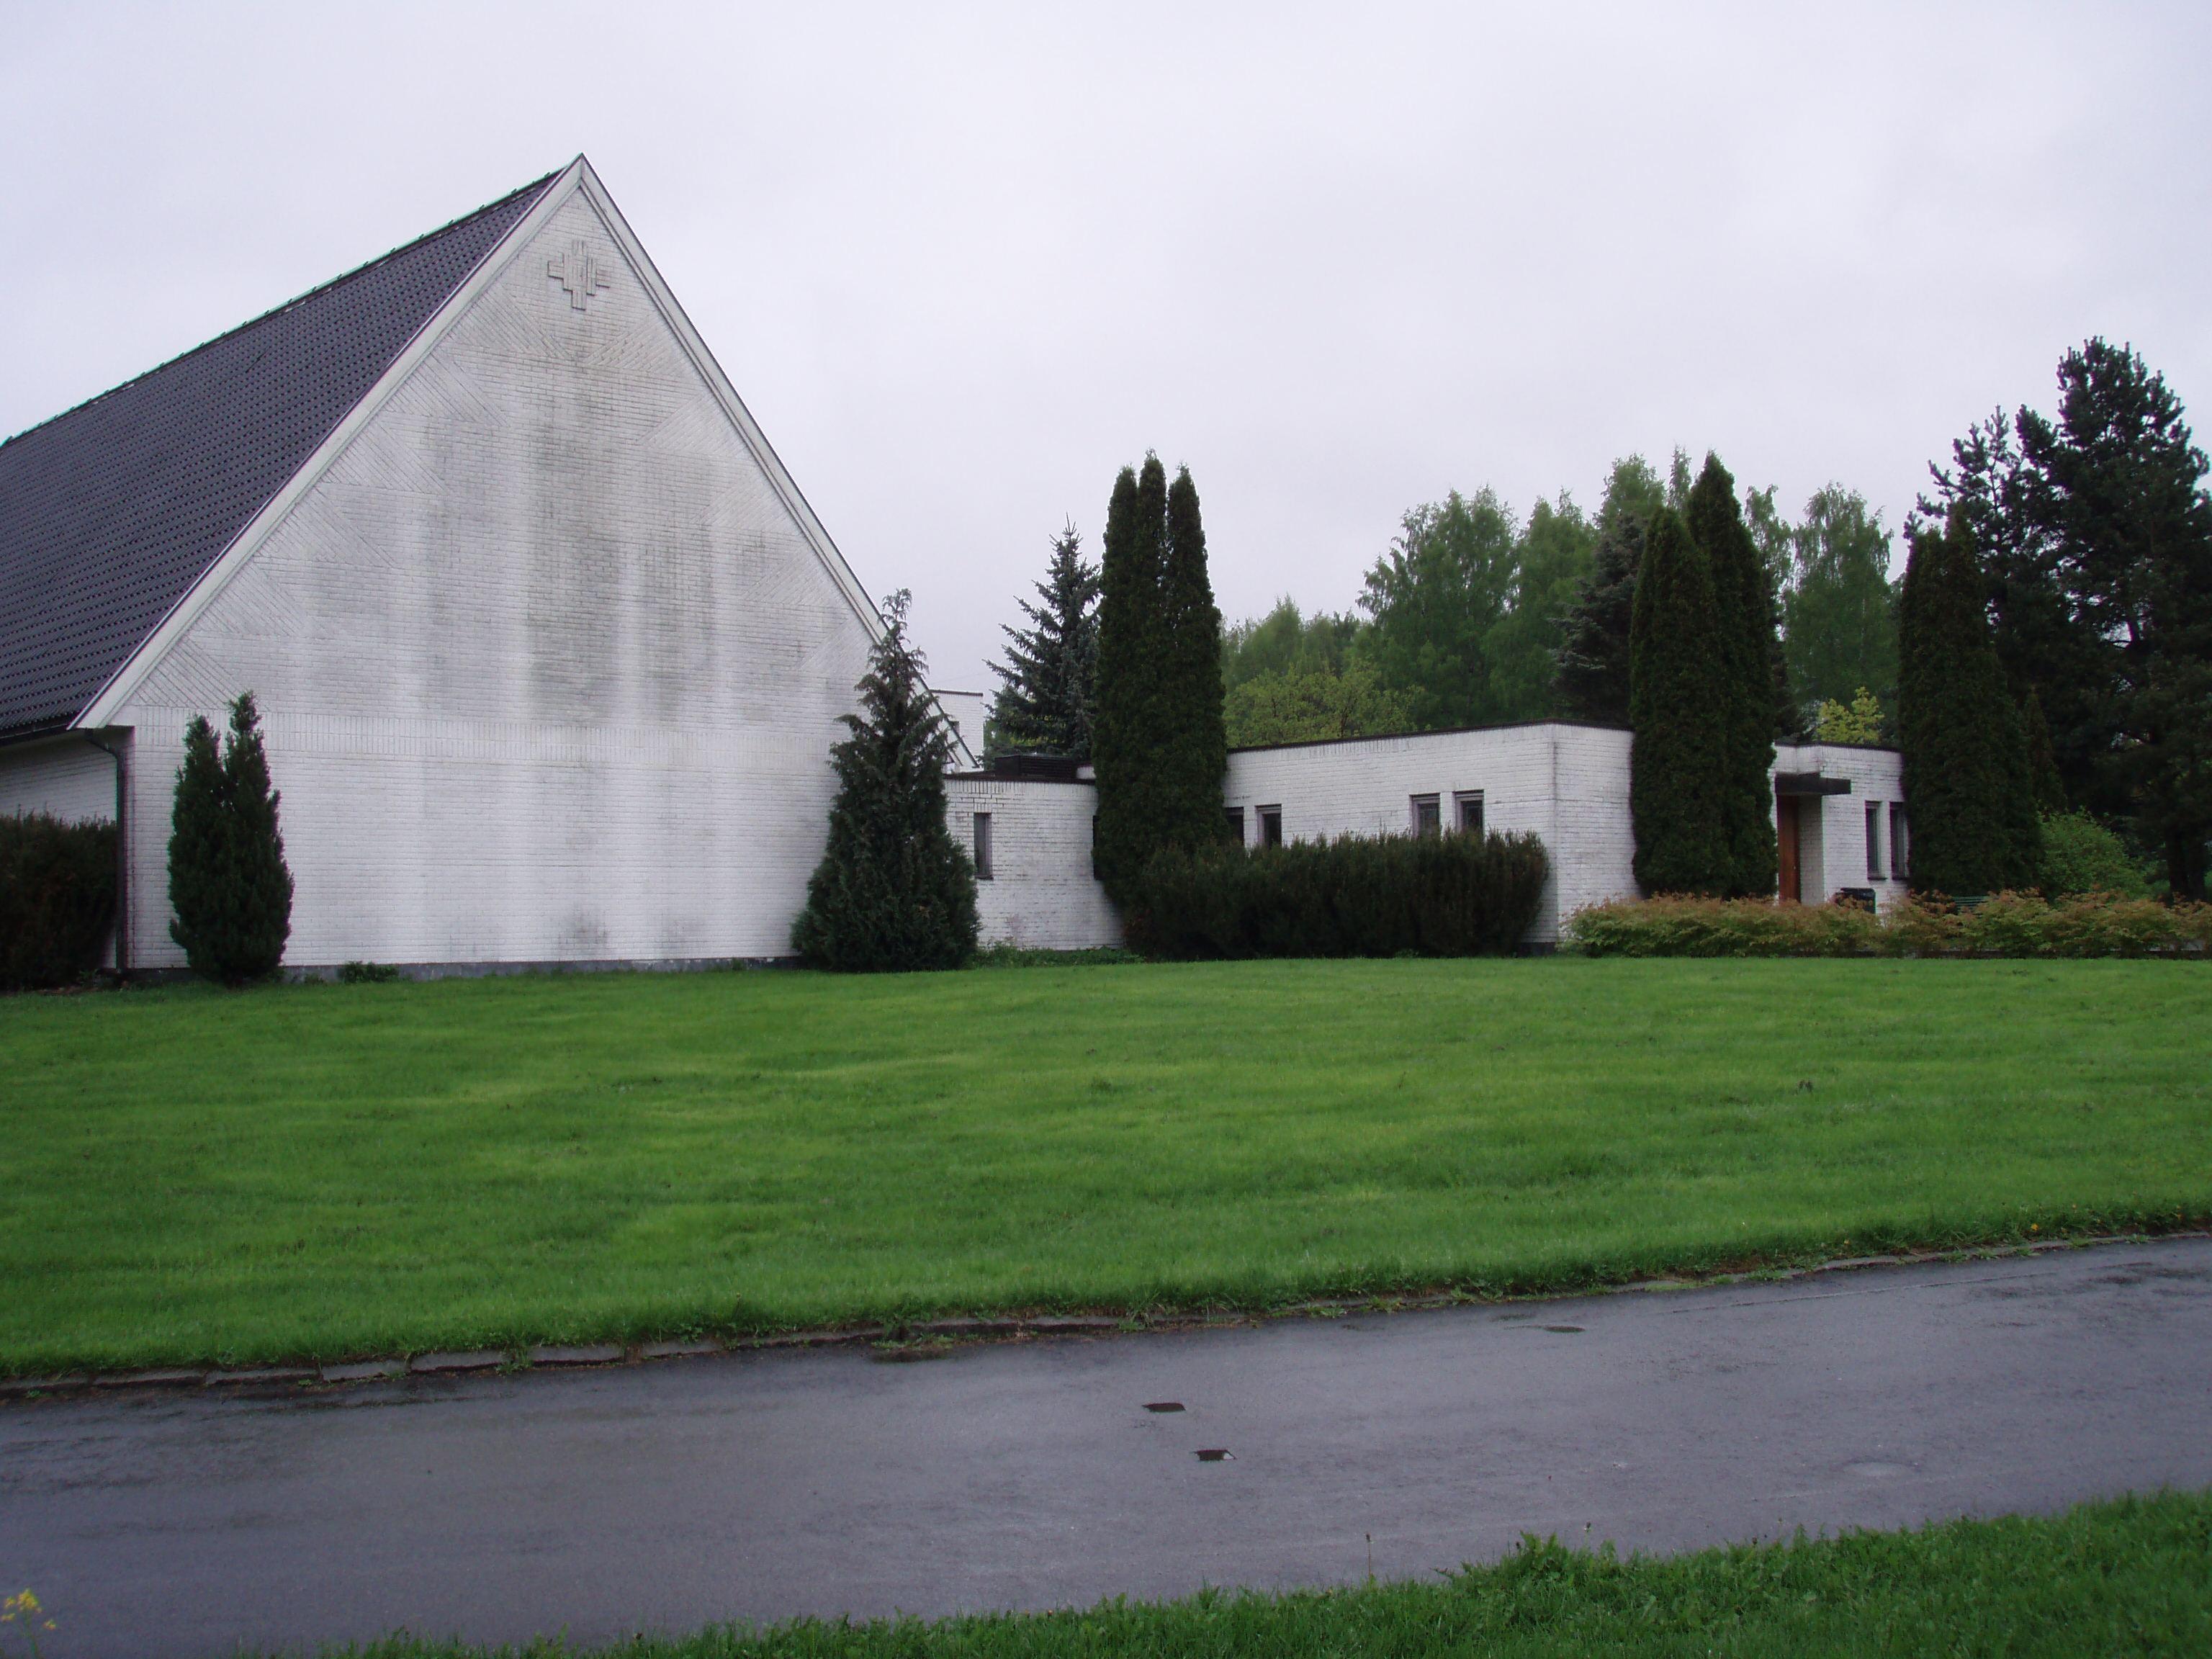 alfaset kapell kart Alfaset gravlund Kapell og krematorium alfaset kapell kart